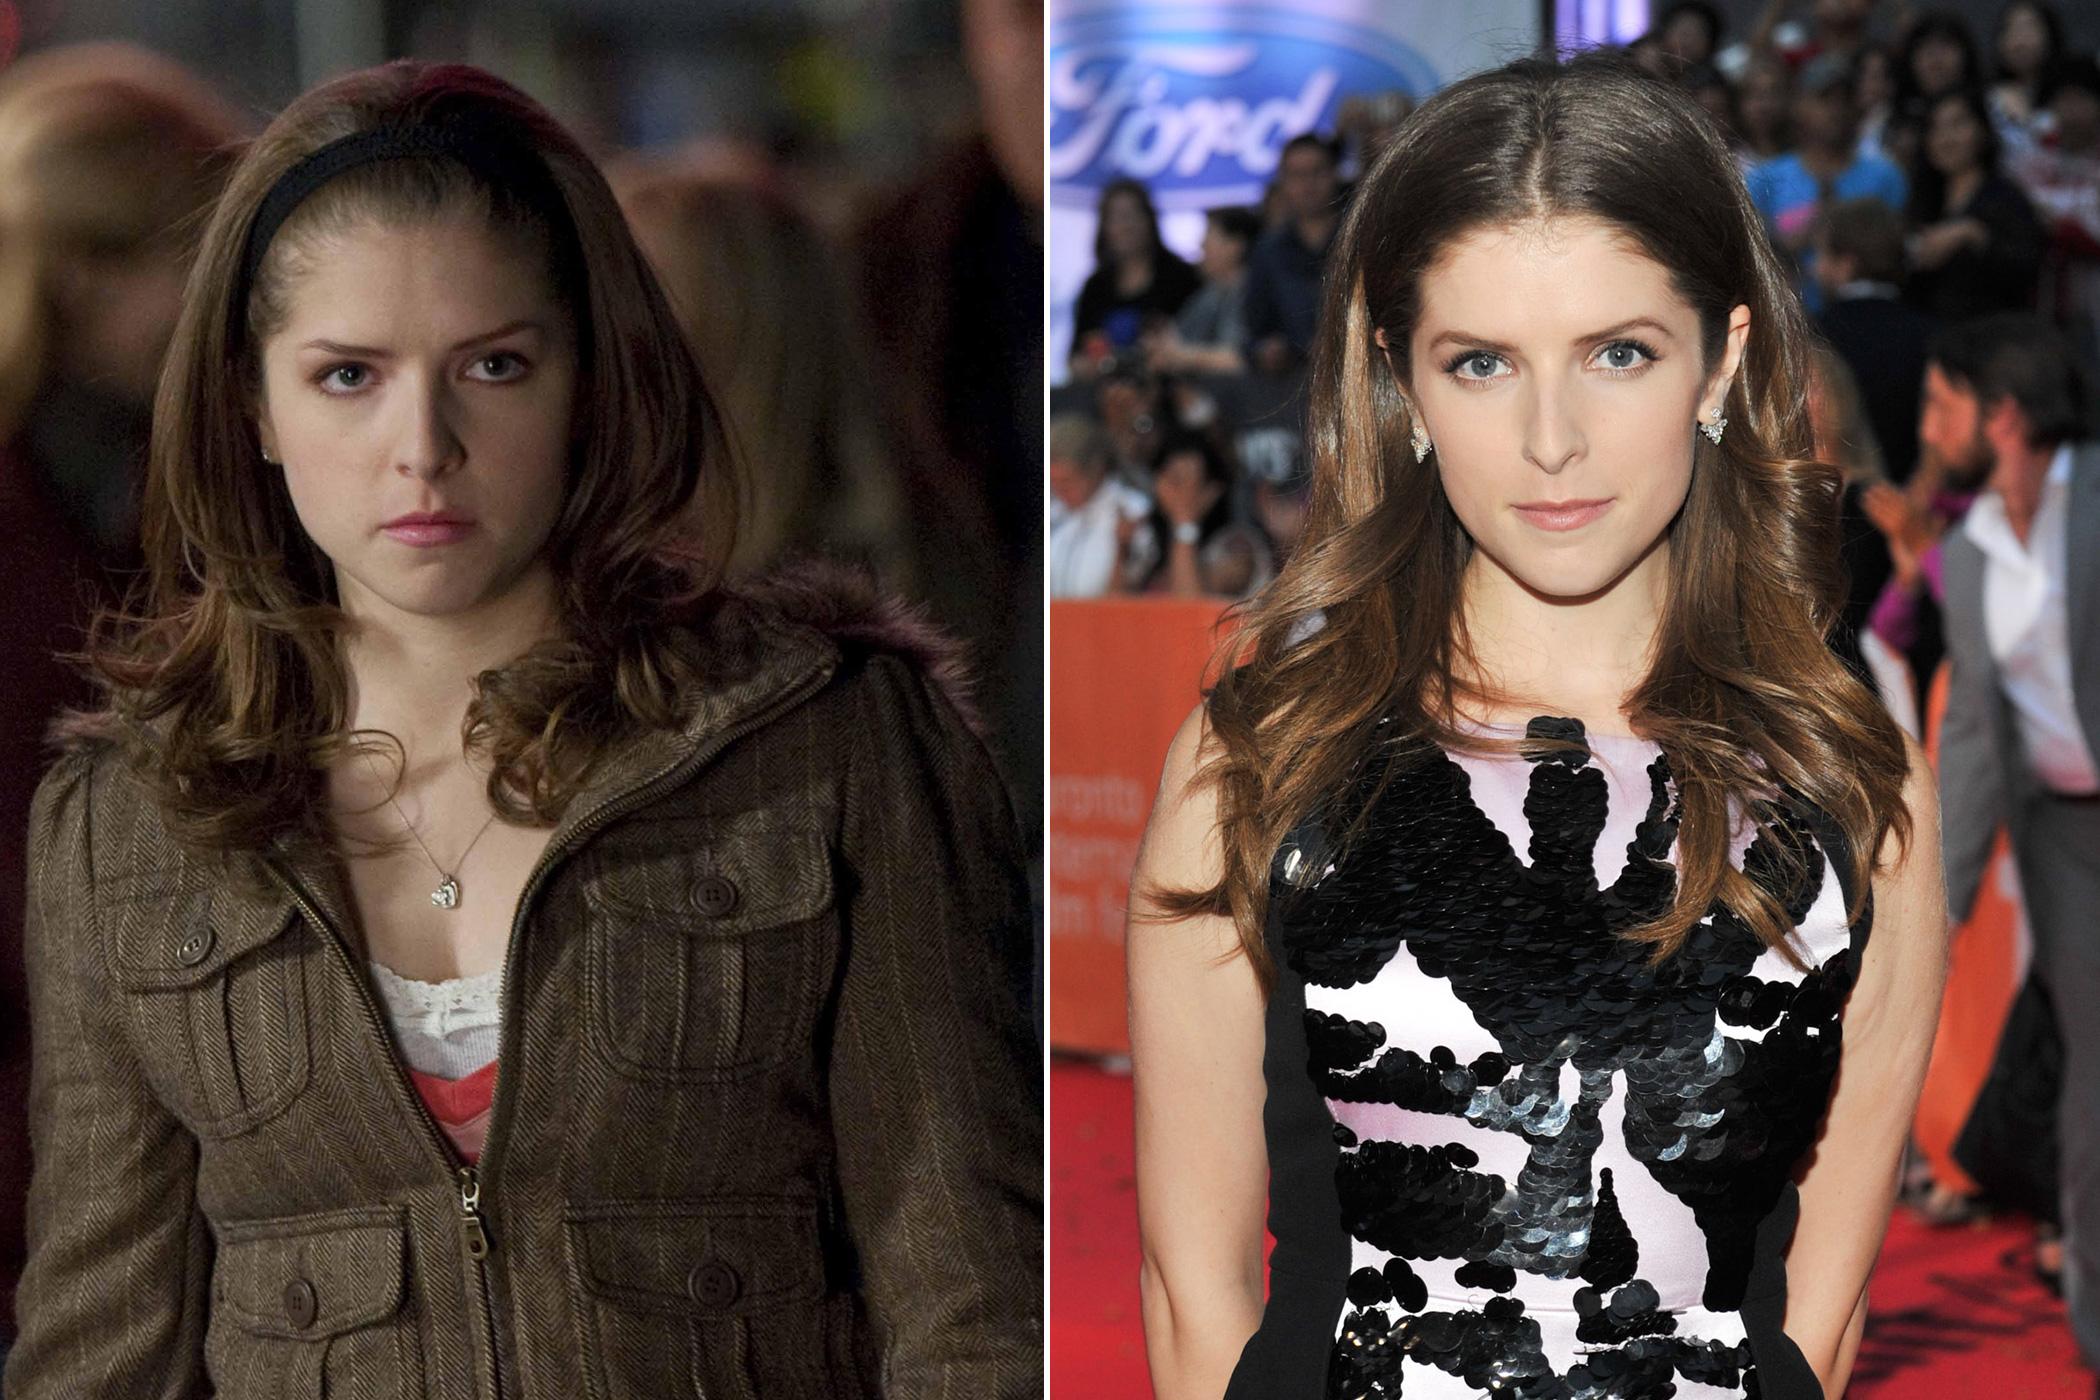 <i>Left</I>: Anna Kendrick as Jessica in <i>The Twilight Saga: The New Moon</i>, 2009; <i>Right</i>: in 2015